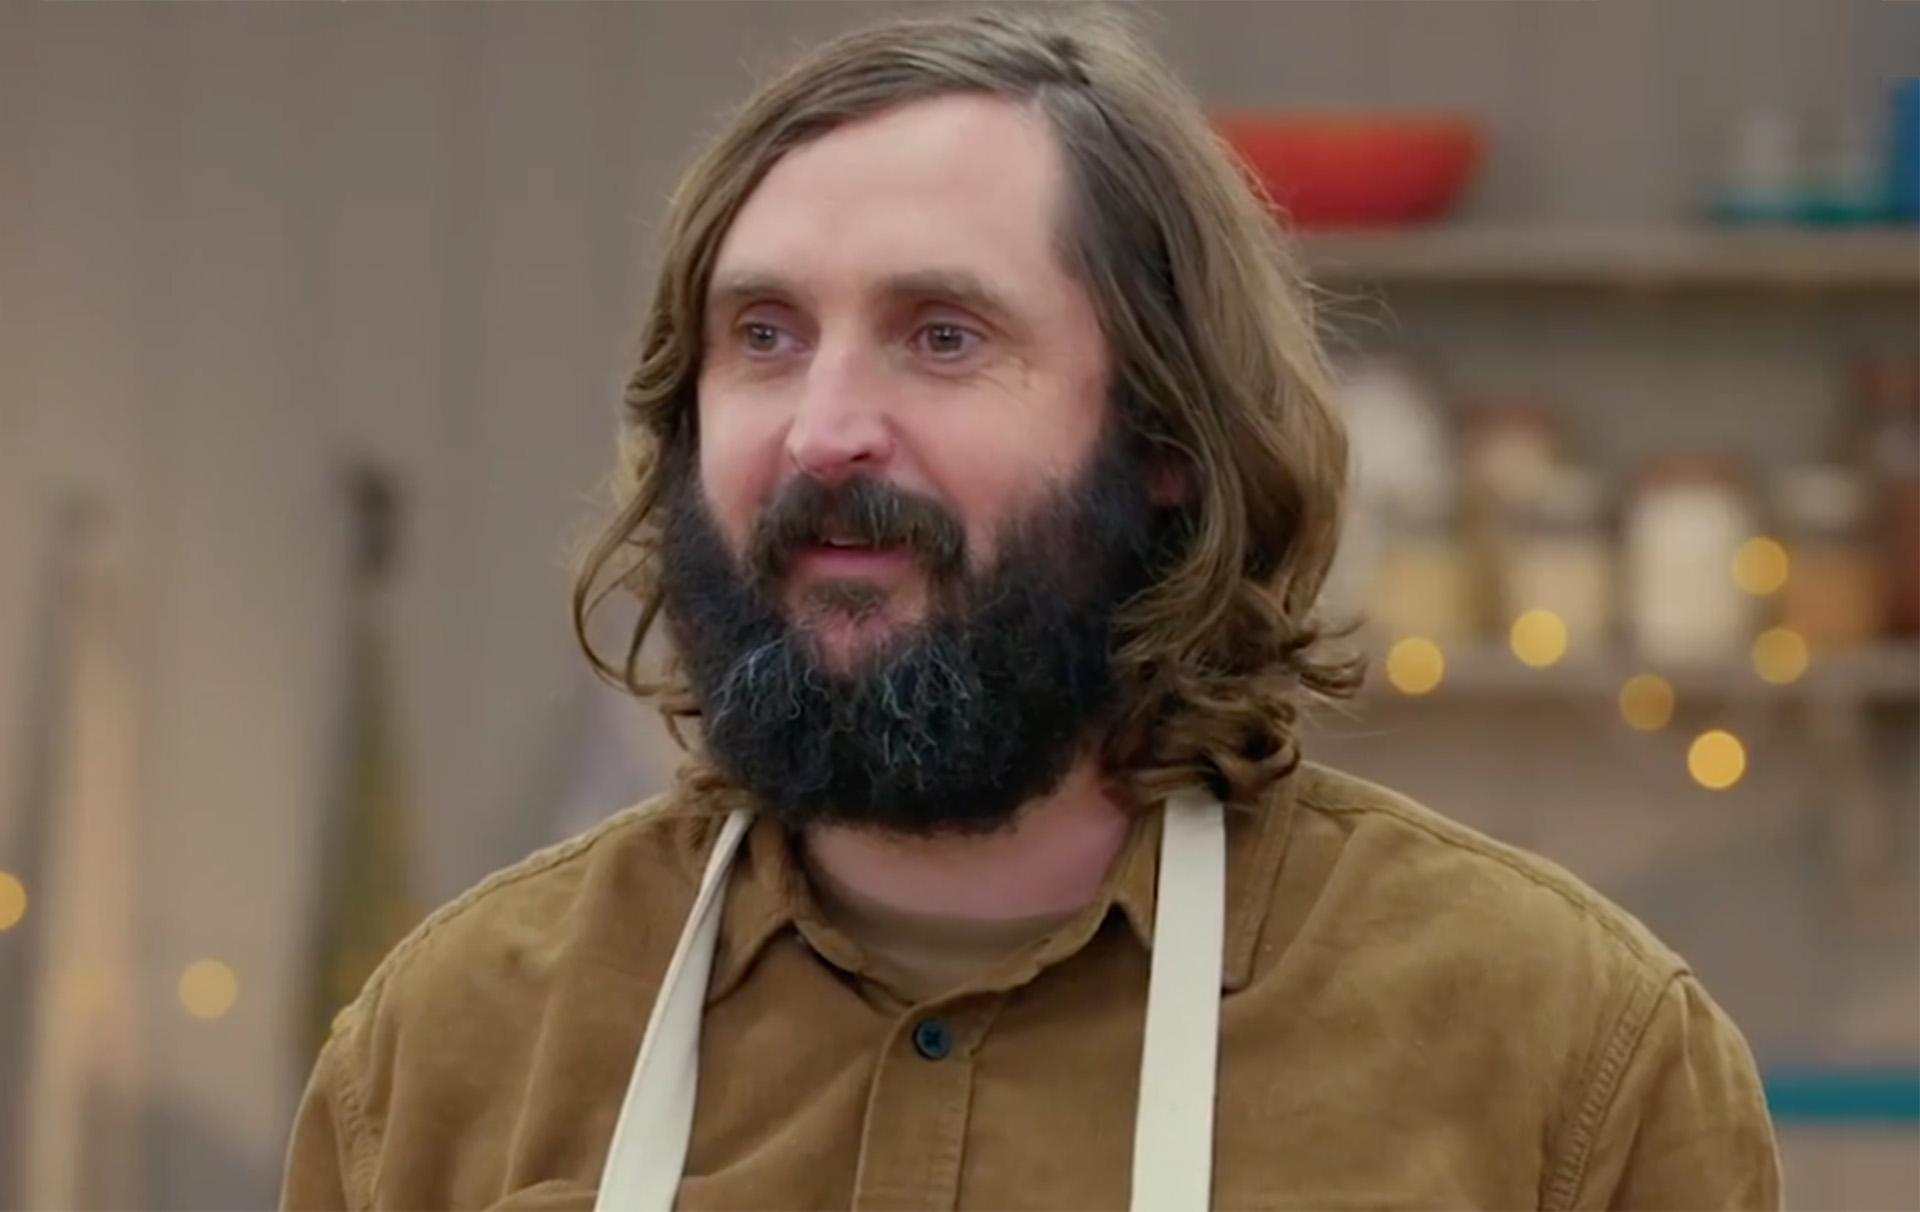 celebrity bake off joe wilkinson star baker bottom cake